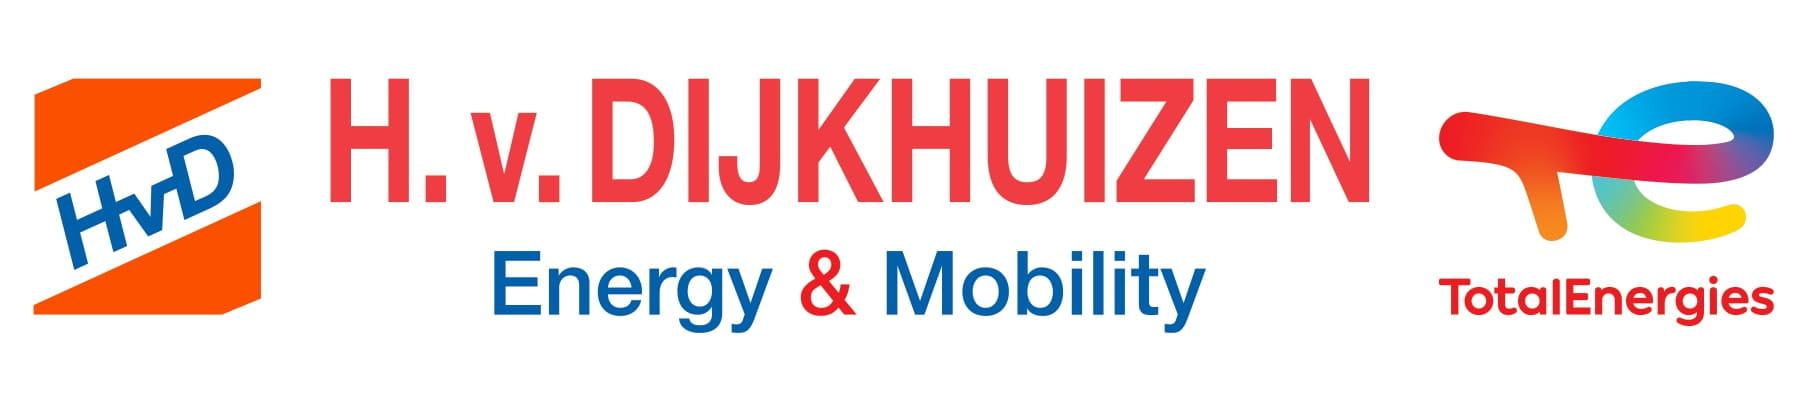 H. van Dijkhuizen Energy & Mobility logo